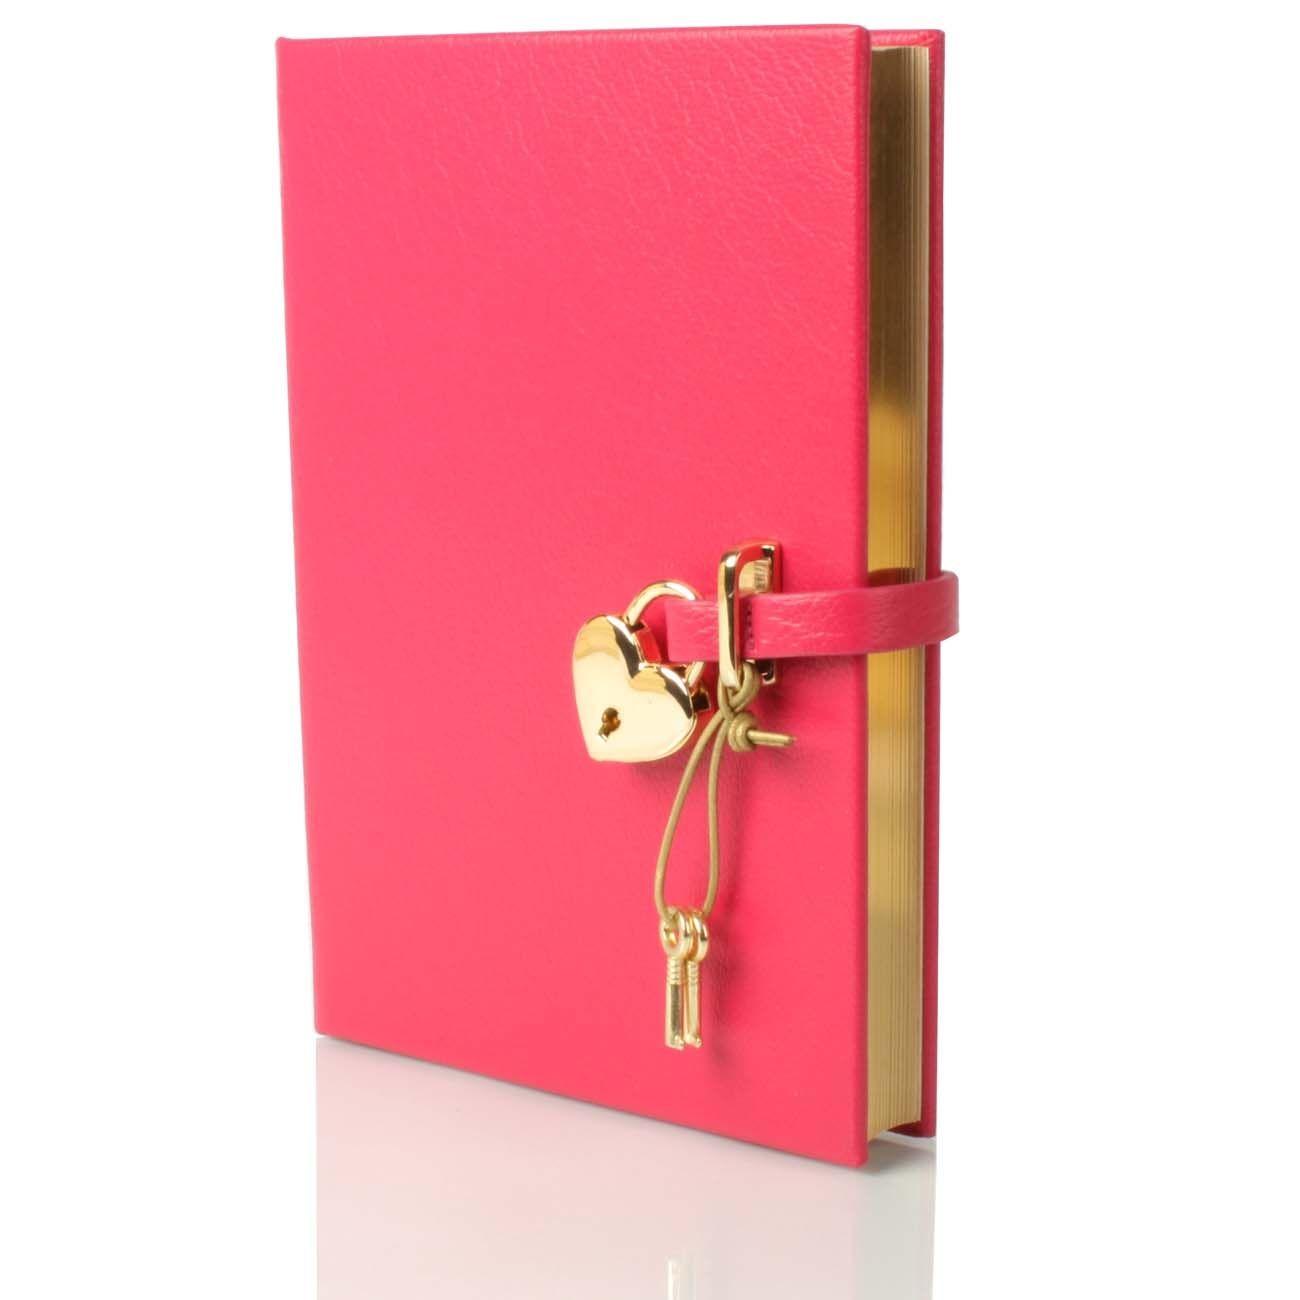 """Gästebuch """"Guests"""", weiß online kaufen bei desiary.de"""